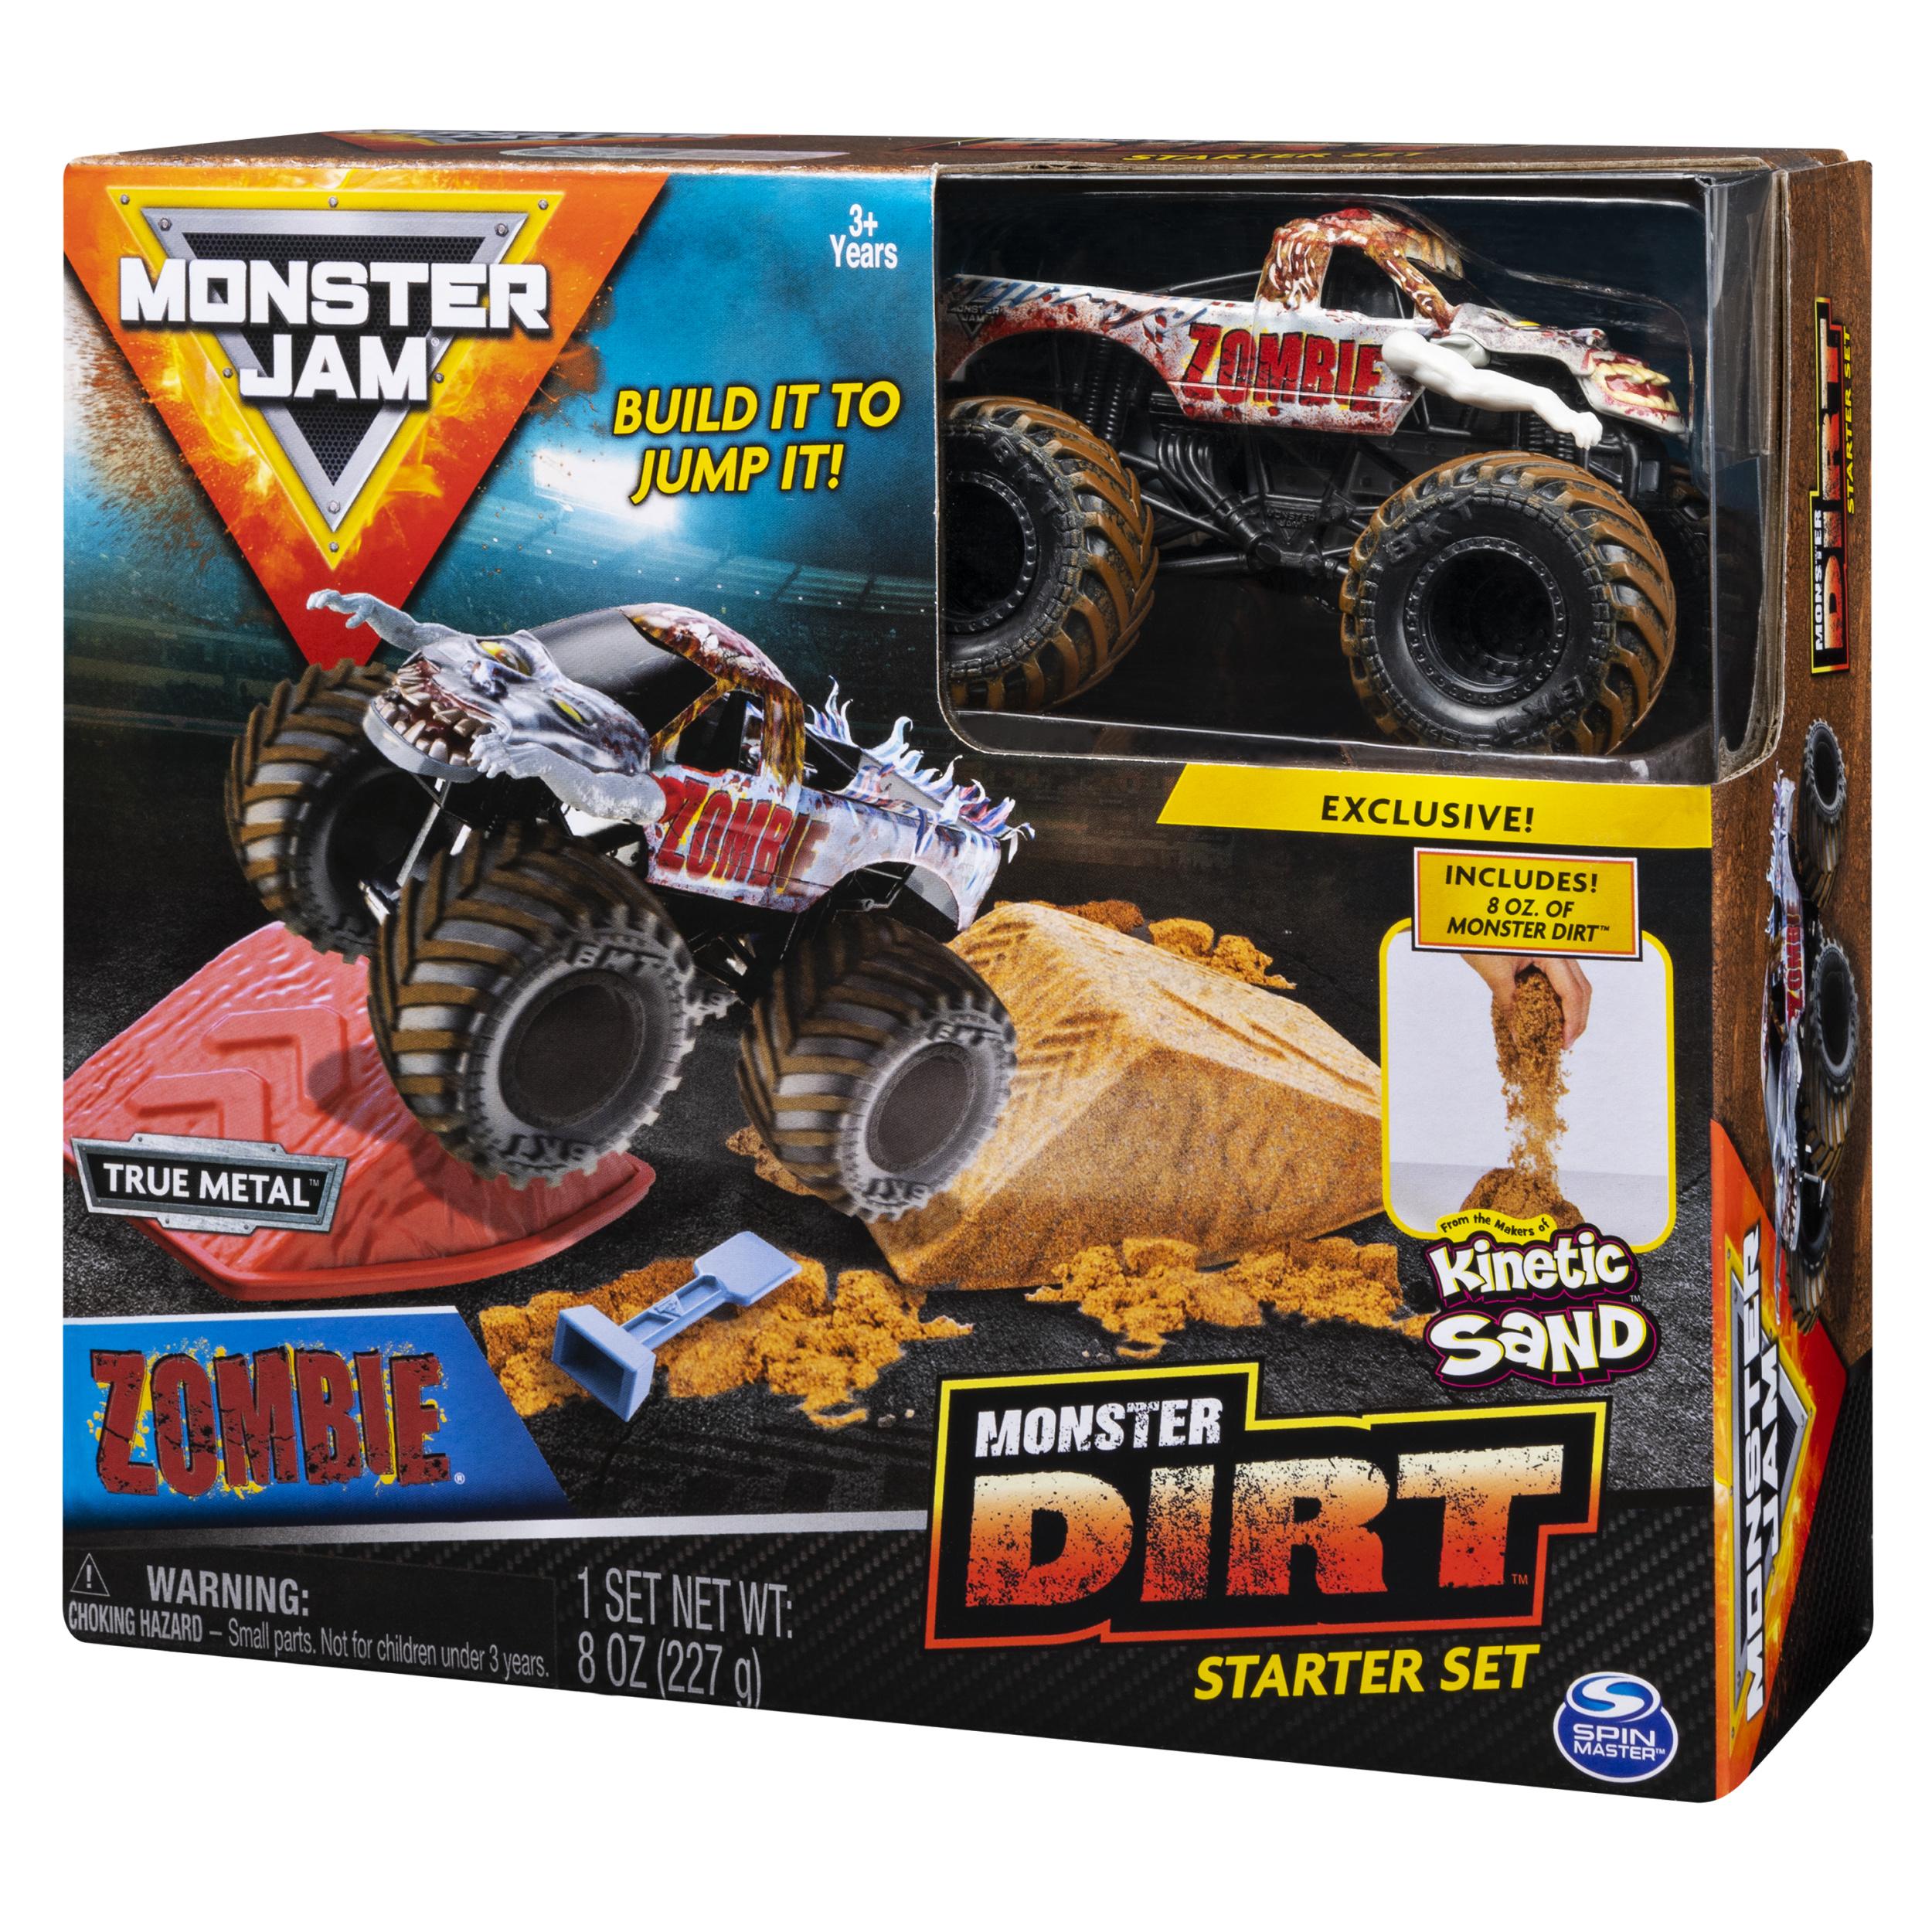 Купить Monster Jam машинка Монстр Джем - Zombie, с кинетическим песком 6054962, Китай